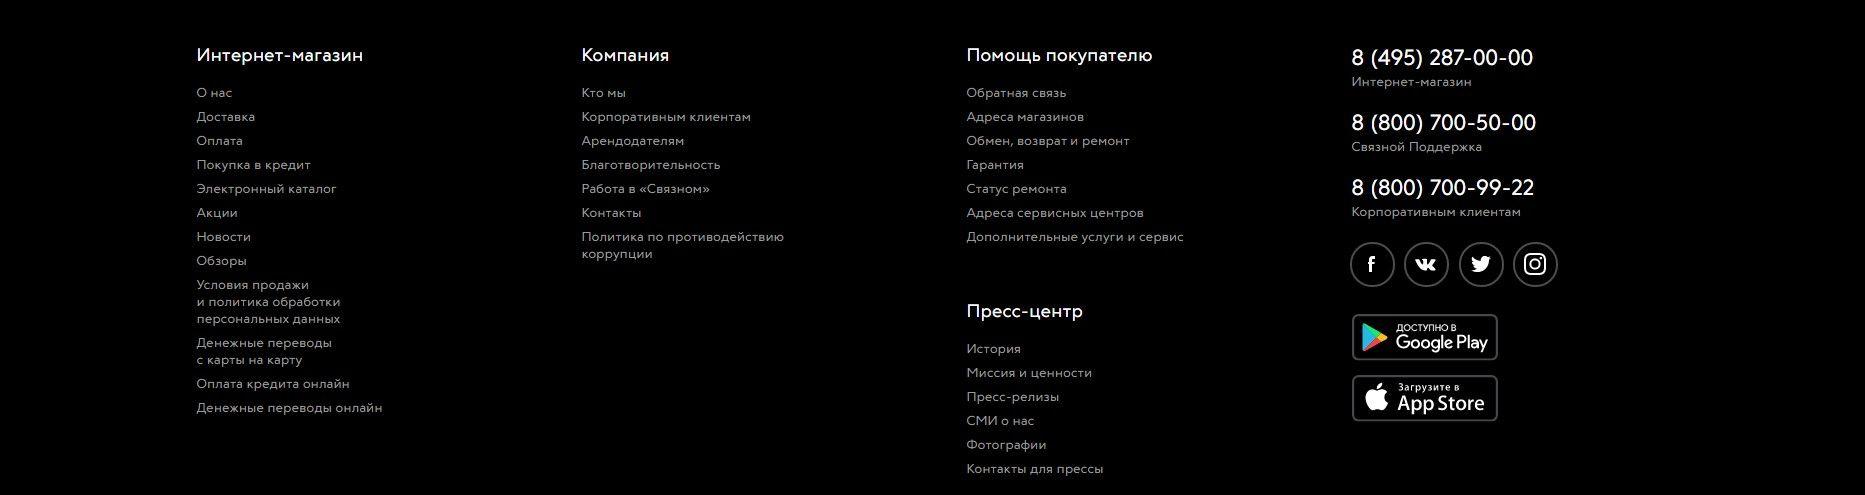 Ссылки на приложения в подвале на примере www.svyaznoy.ru